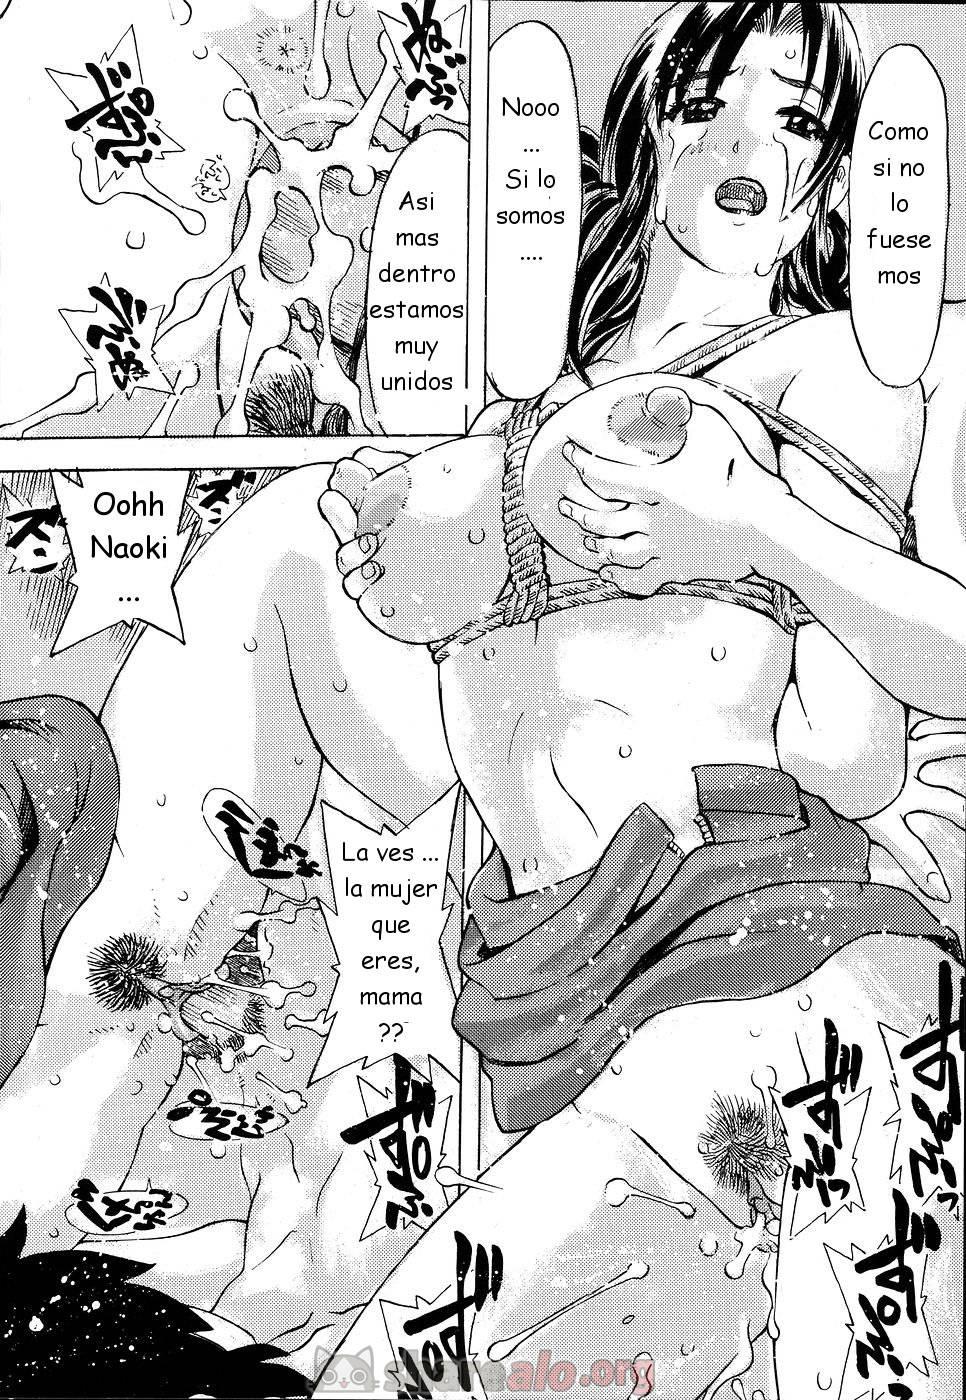 [ Inshoku no Kizuna Manga Hentai ]: Comics Porno Manga Hentai [ 3BOWOMMy ]